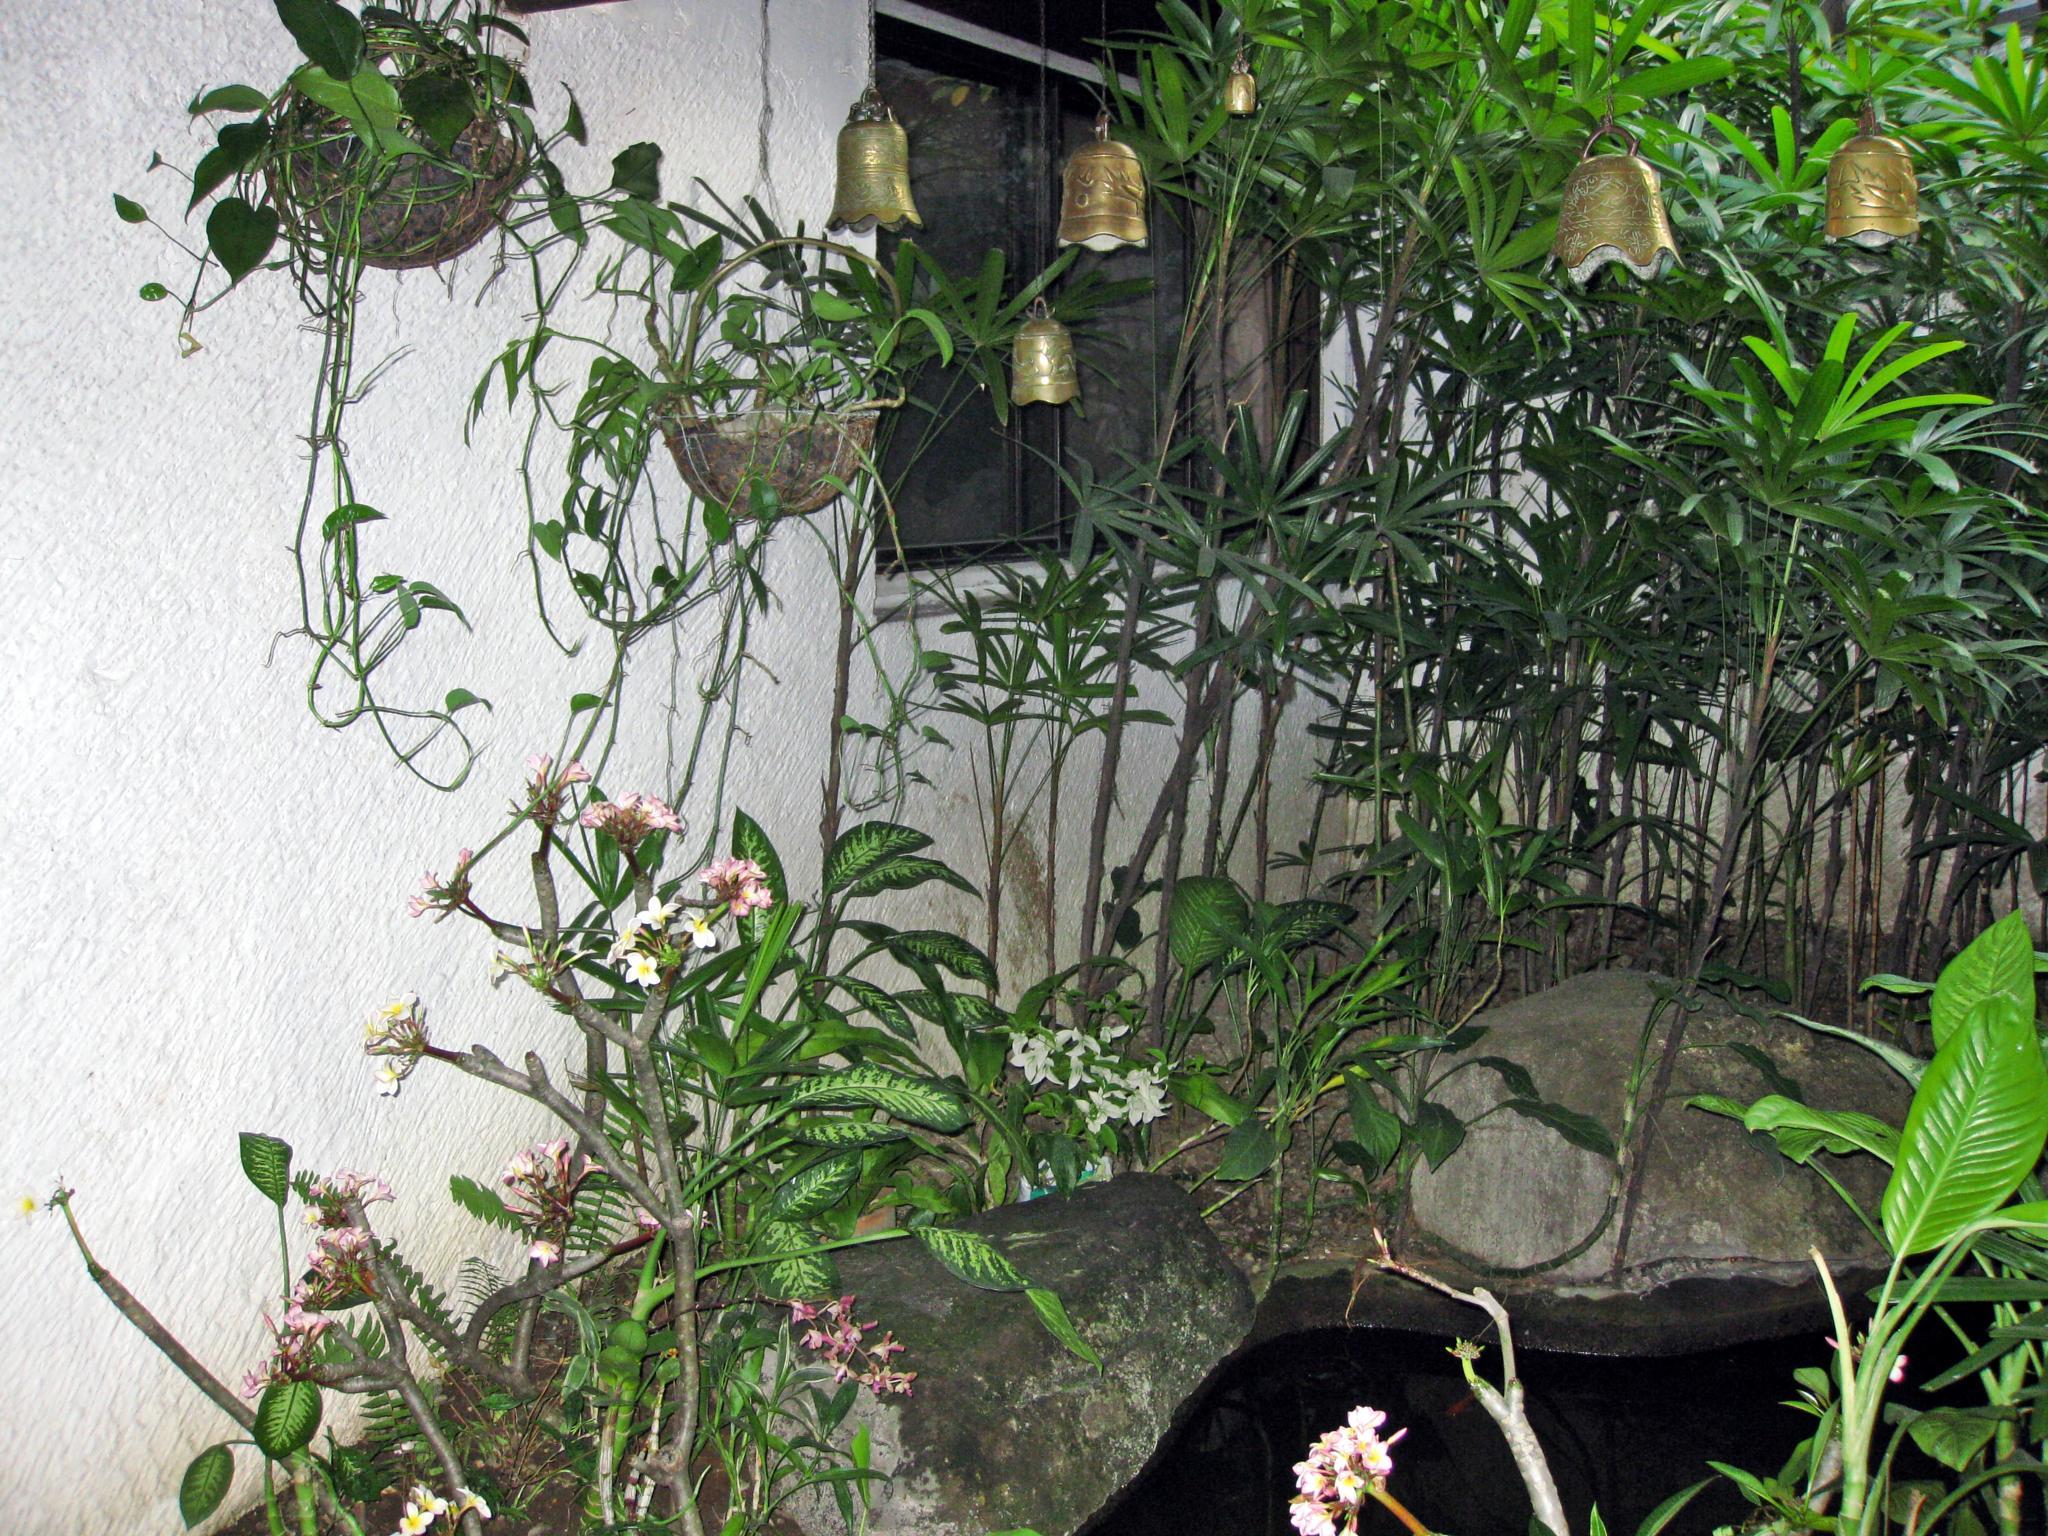 City  garden 3 by arraguado